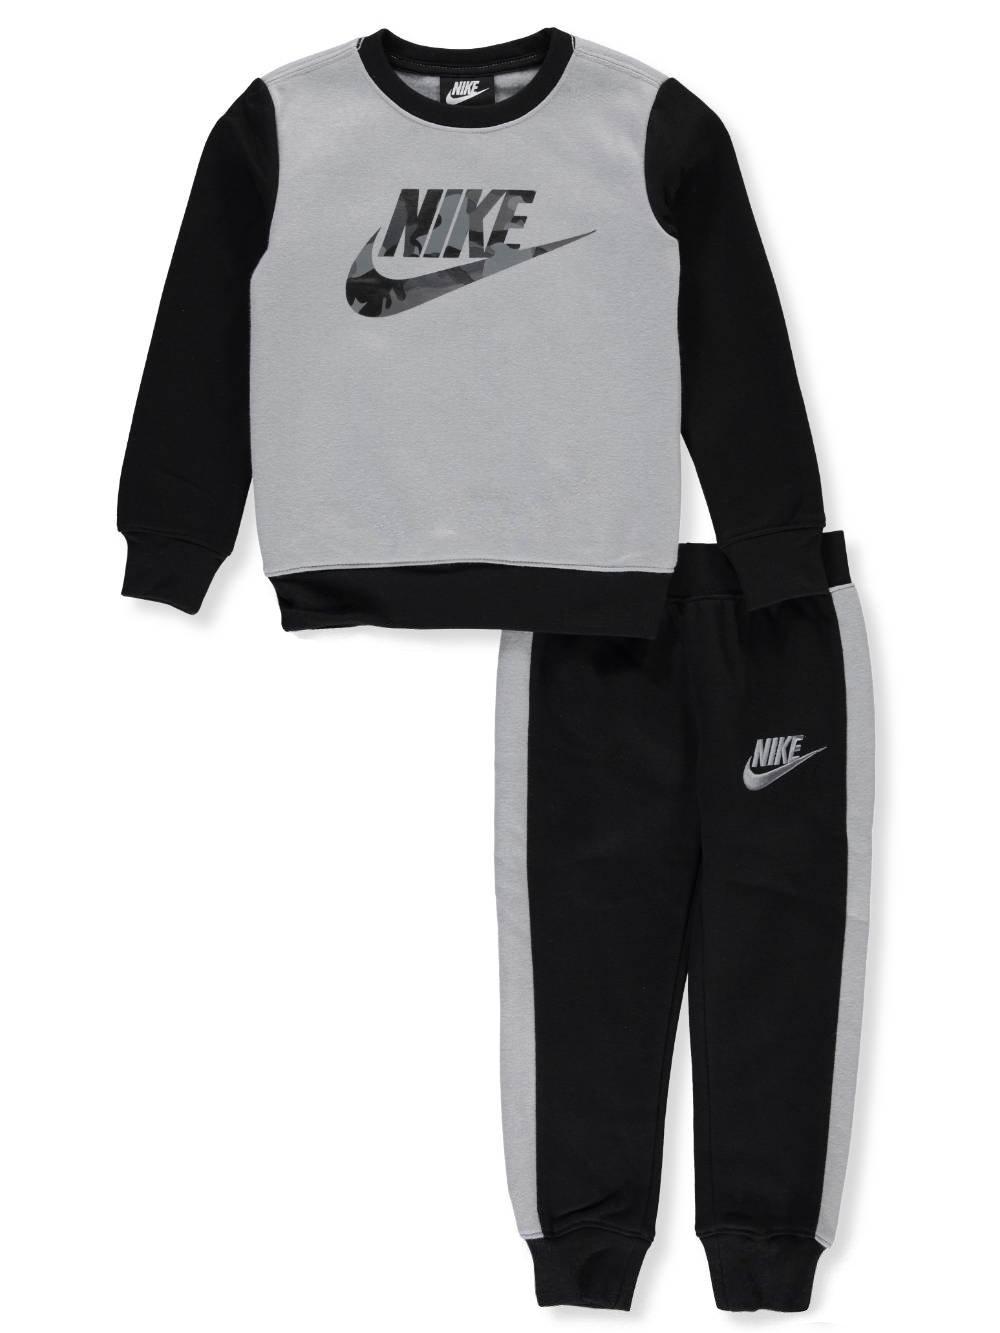 NIKE Boys' 2-Piece Sweatsuit Pants Set - Black, 4 by Nike